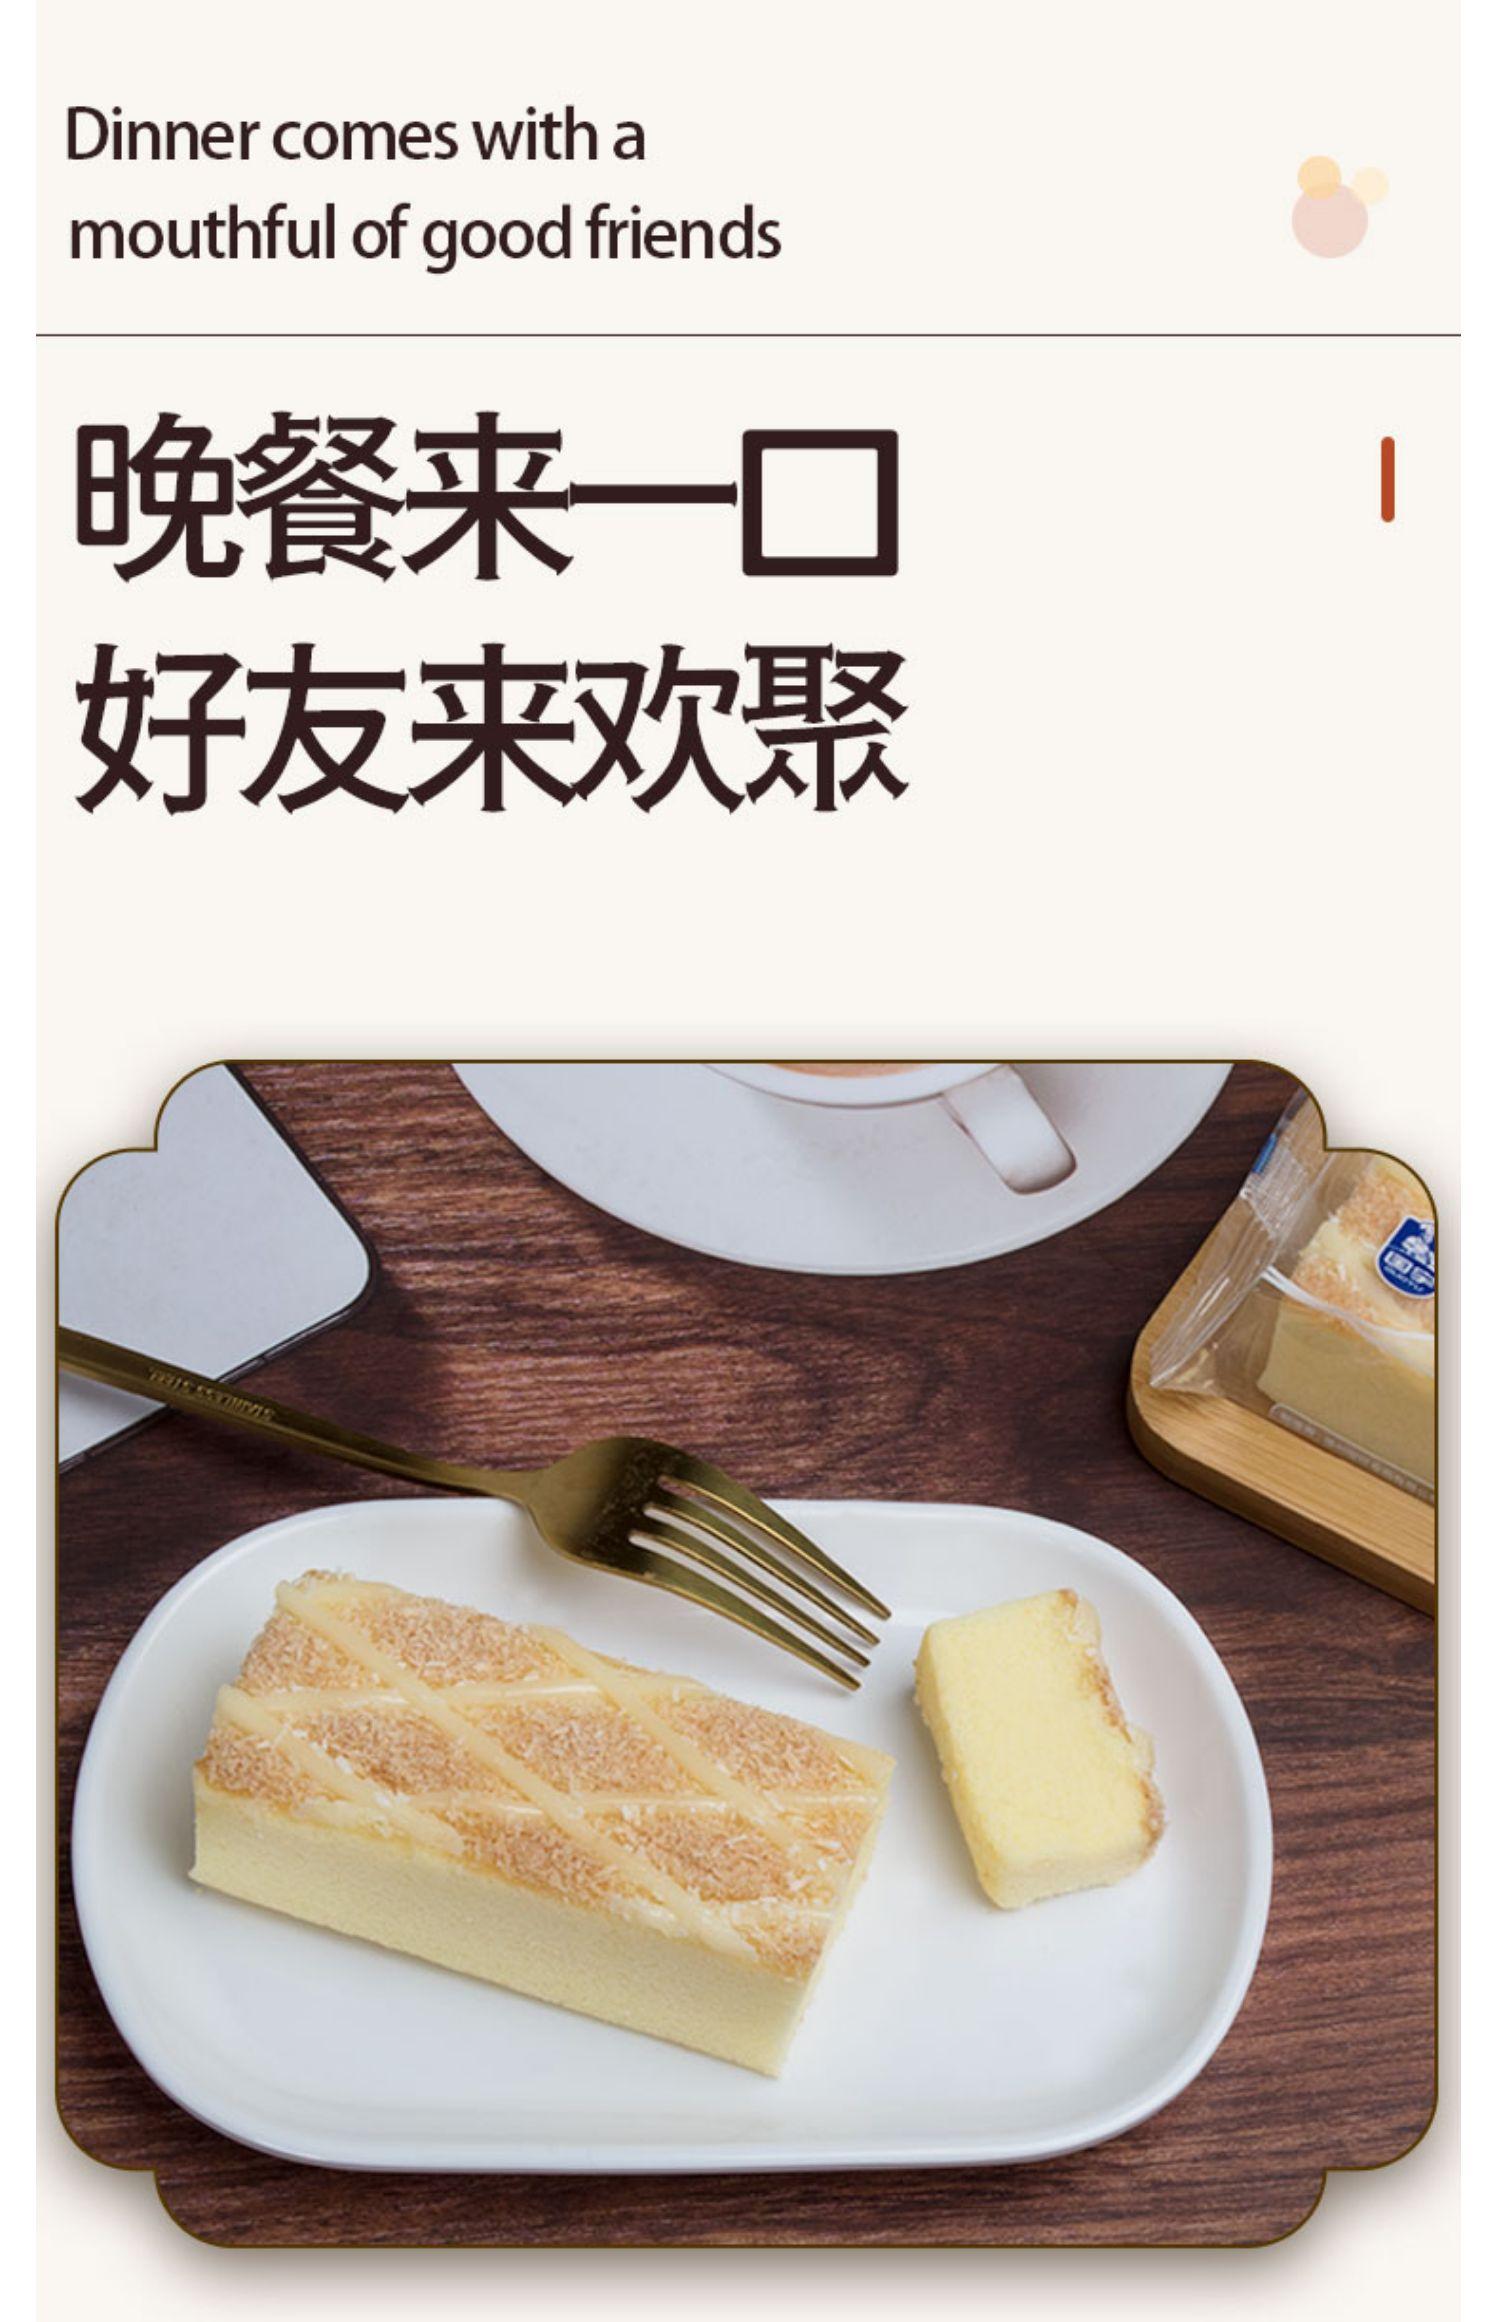 超值13.8!国宇海岛椰丝蛋糕500g